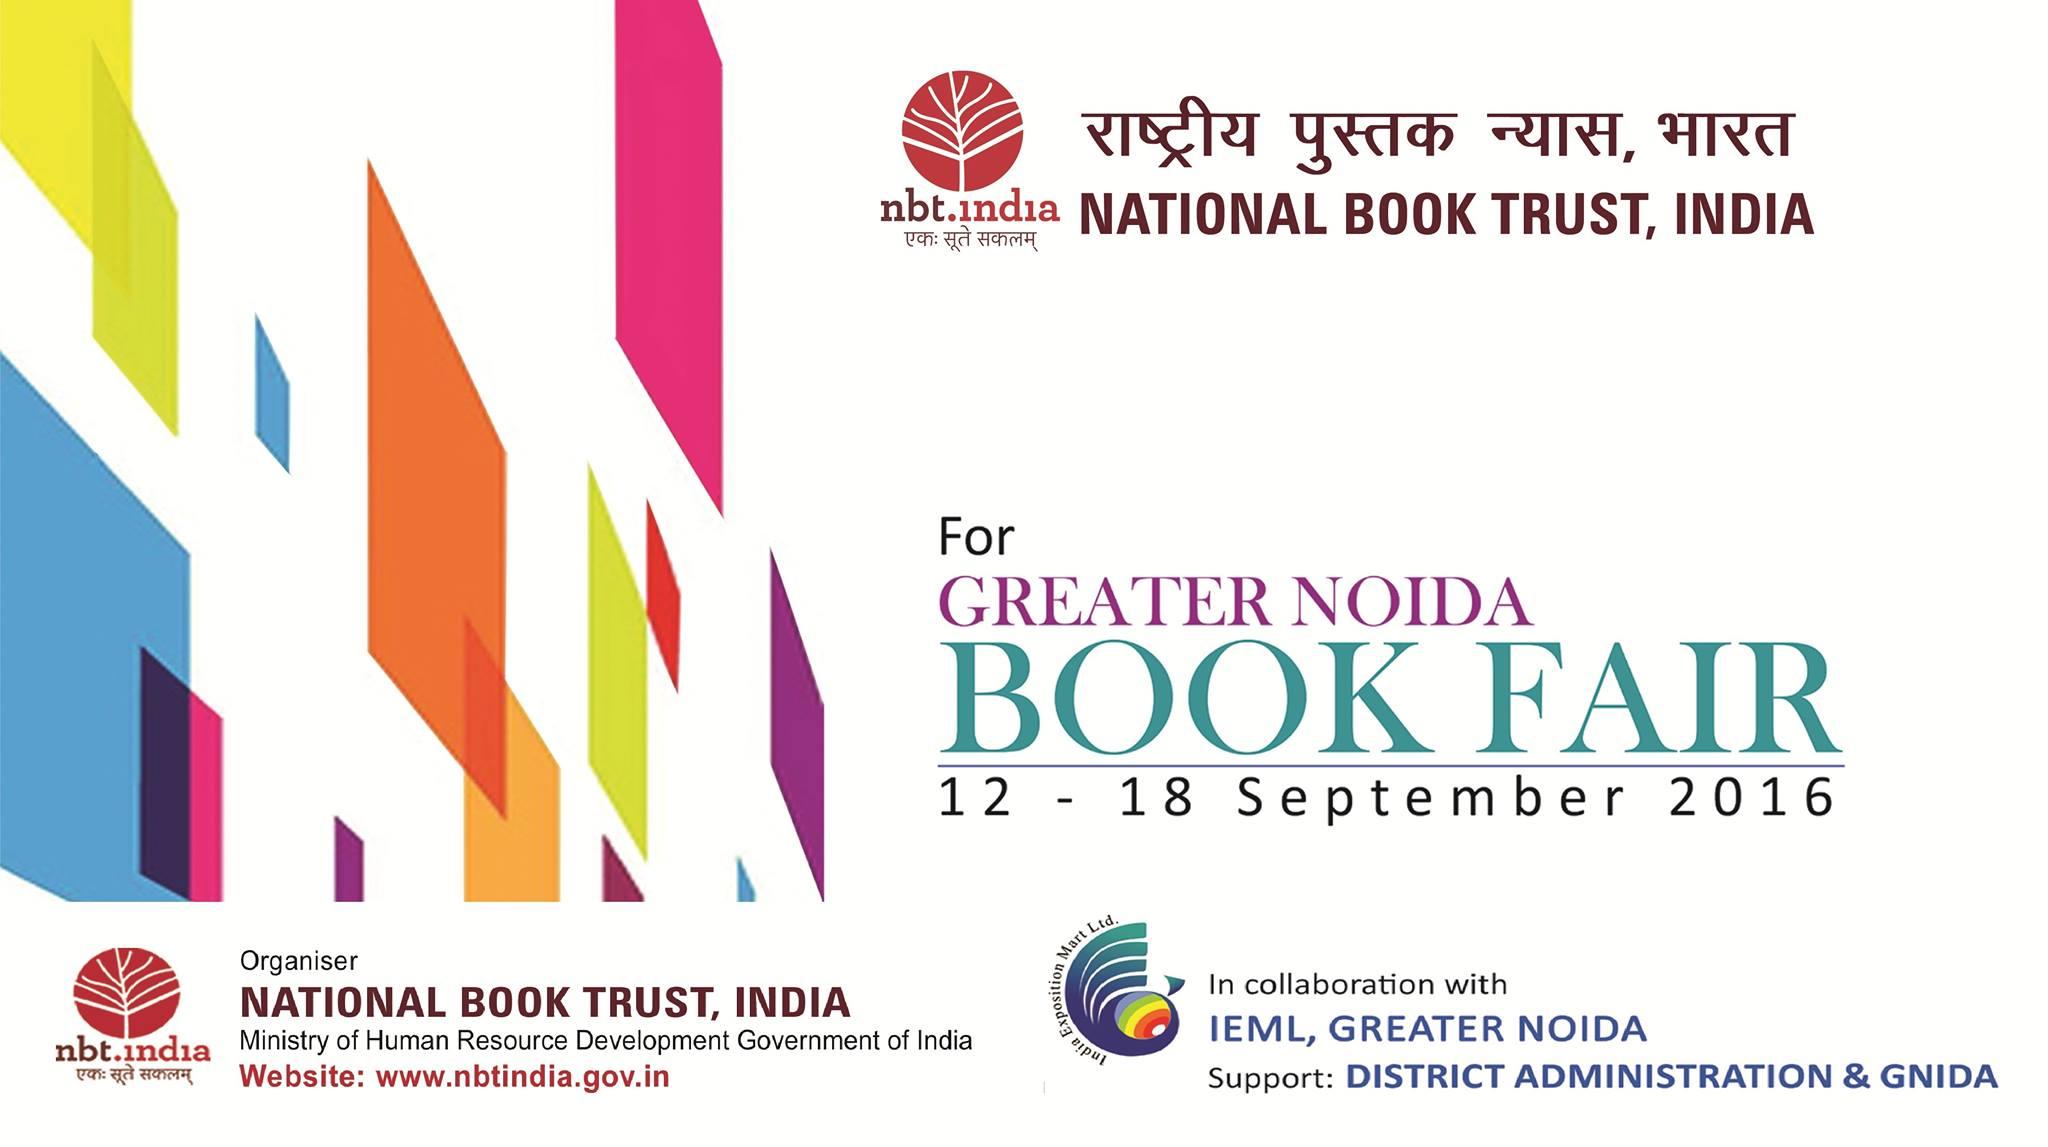 Greater Noida Book Fair 2016